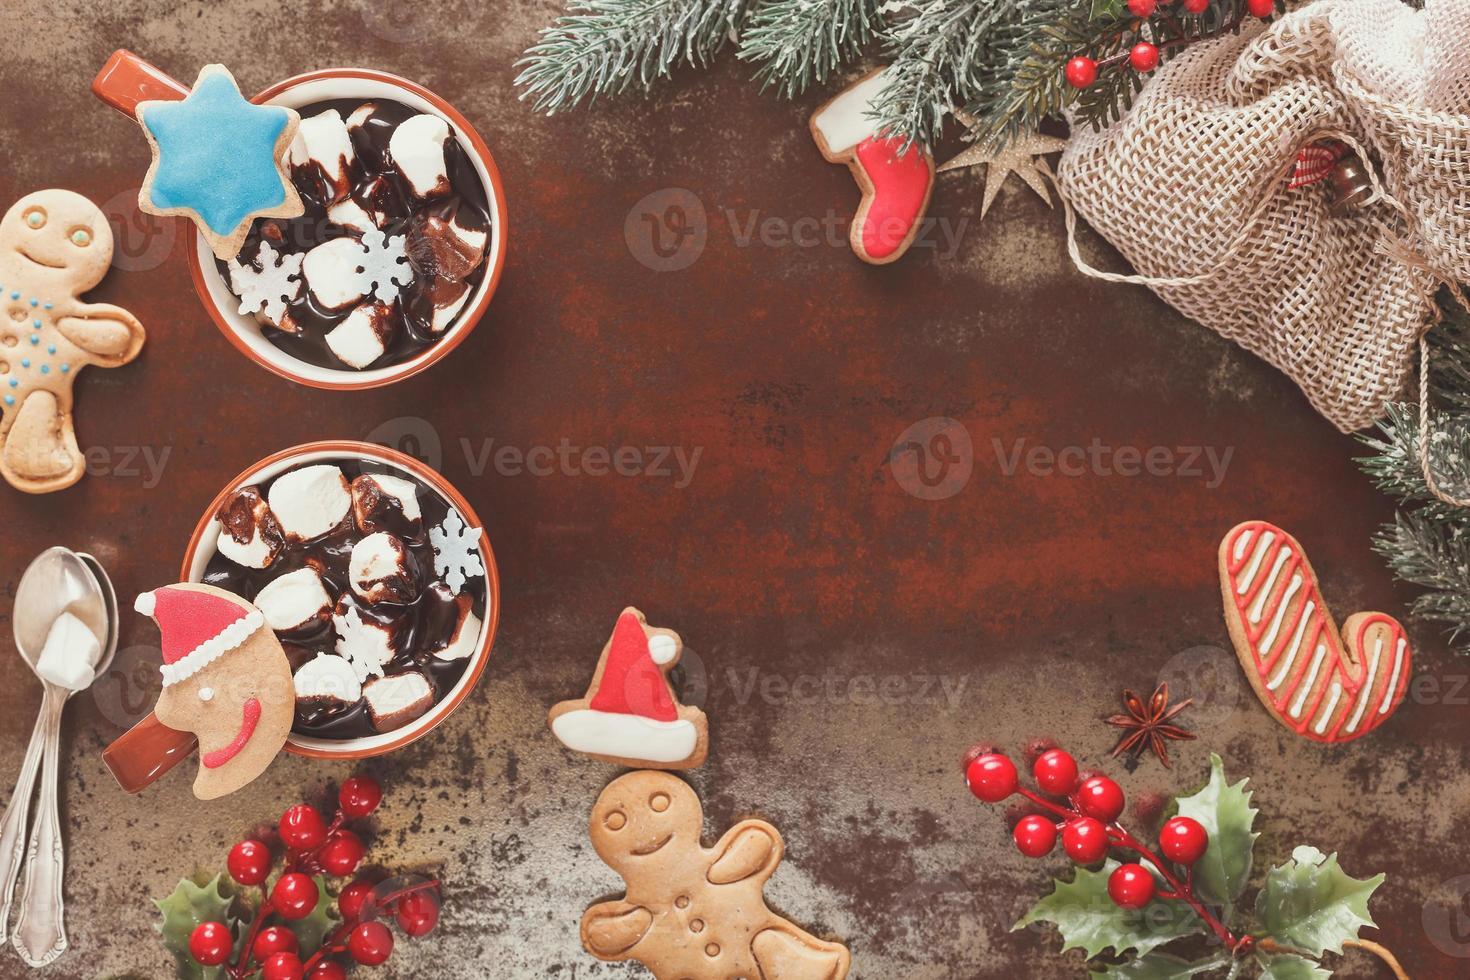 cioccolata calda in un ambiente natalizio foto